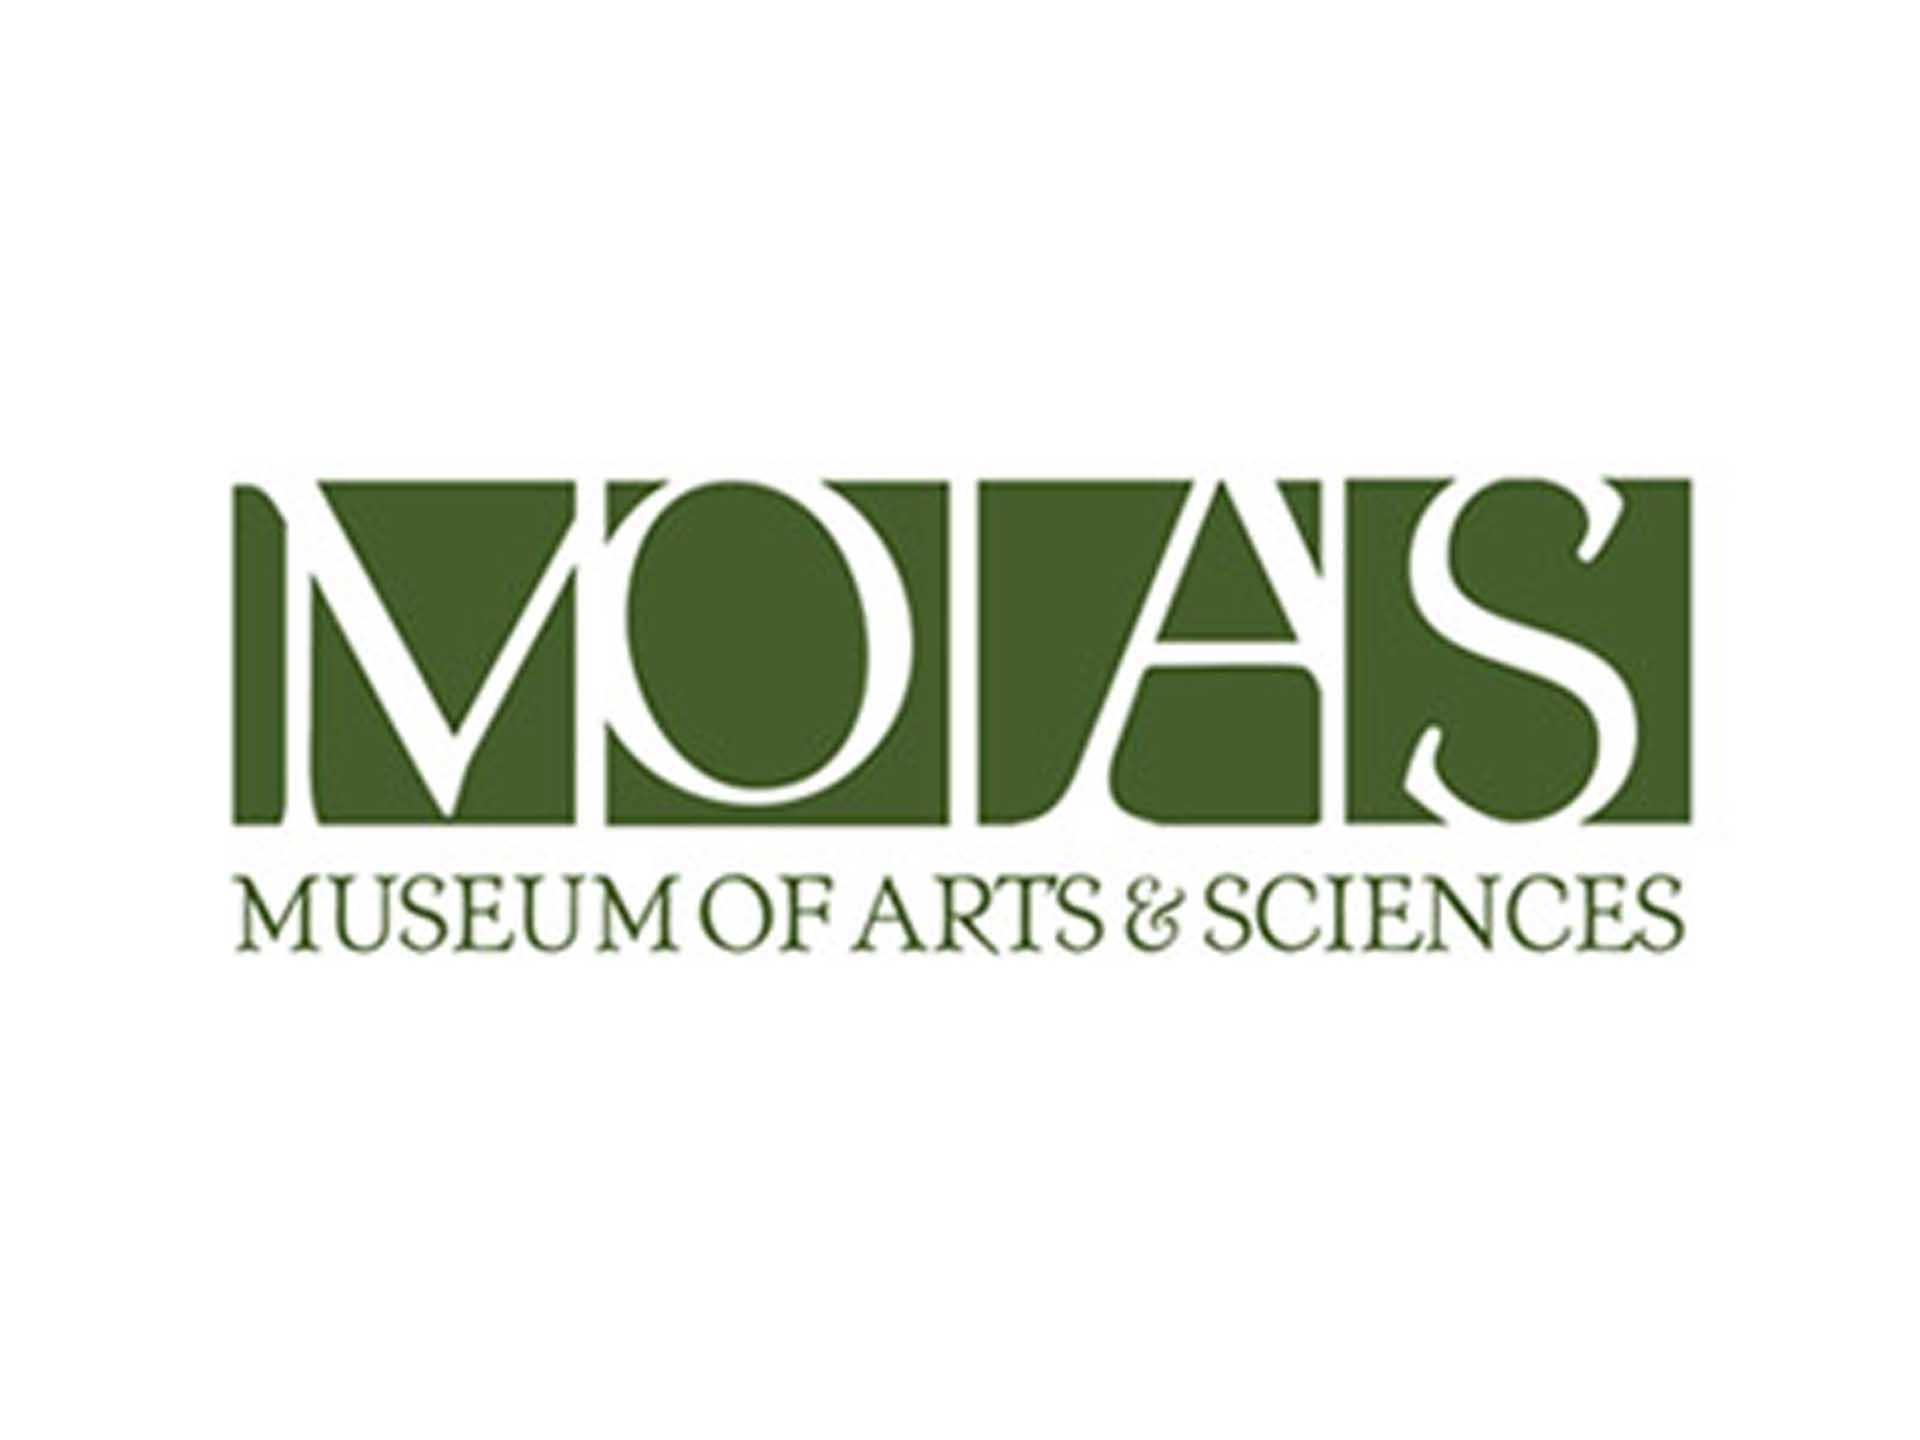 museum of arts & sciences logo